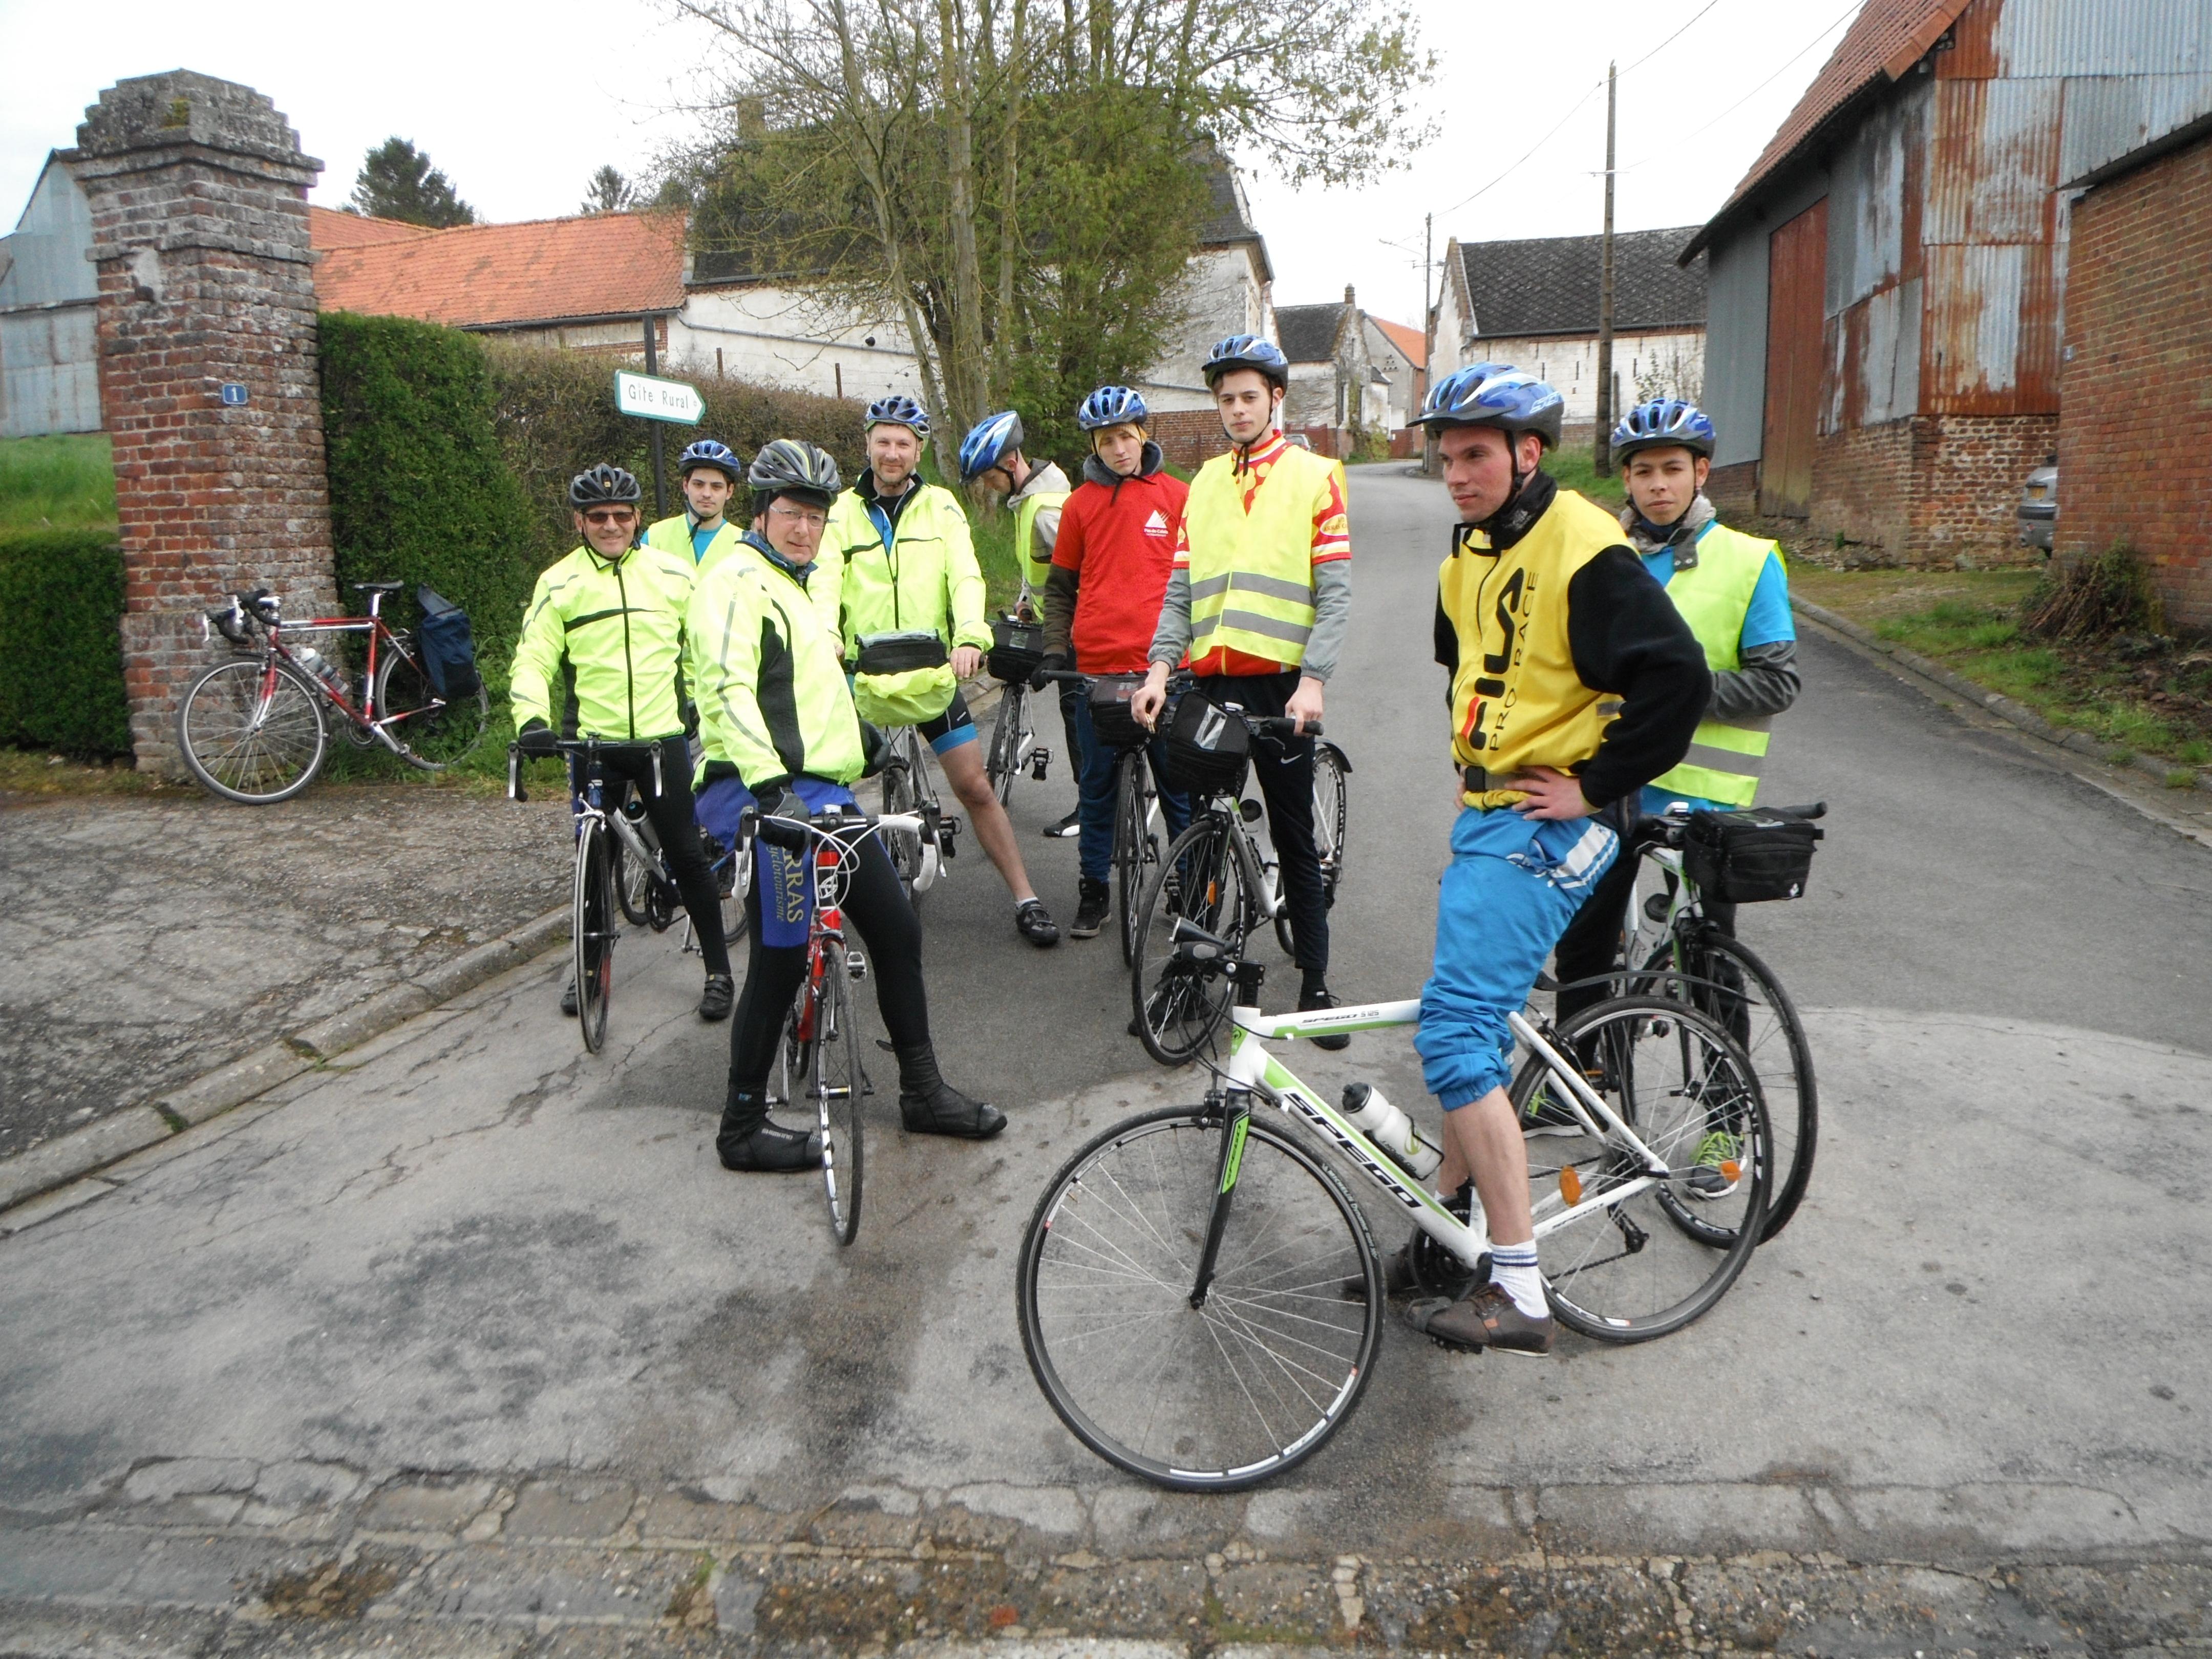 Organisation d'un voyage itinérant à vélo pour des jeunes en difficultés